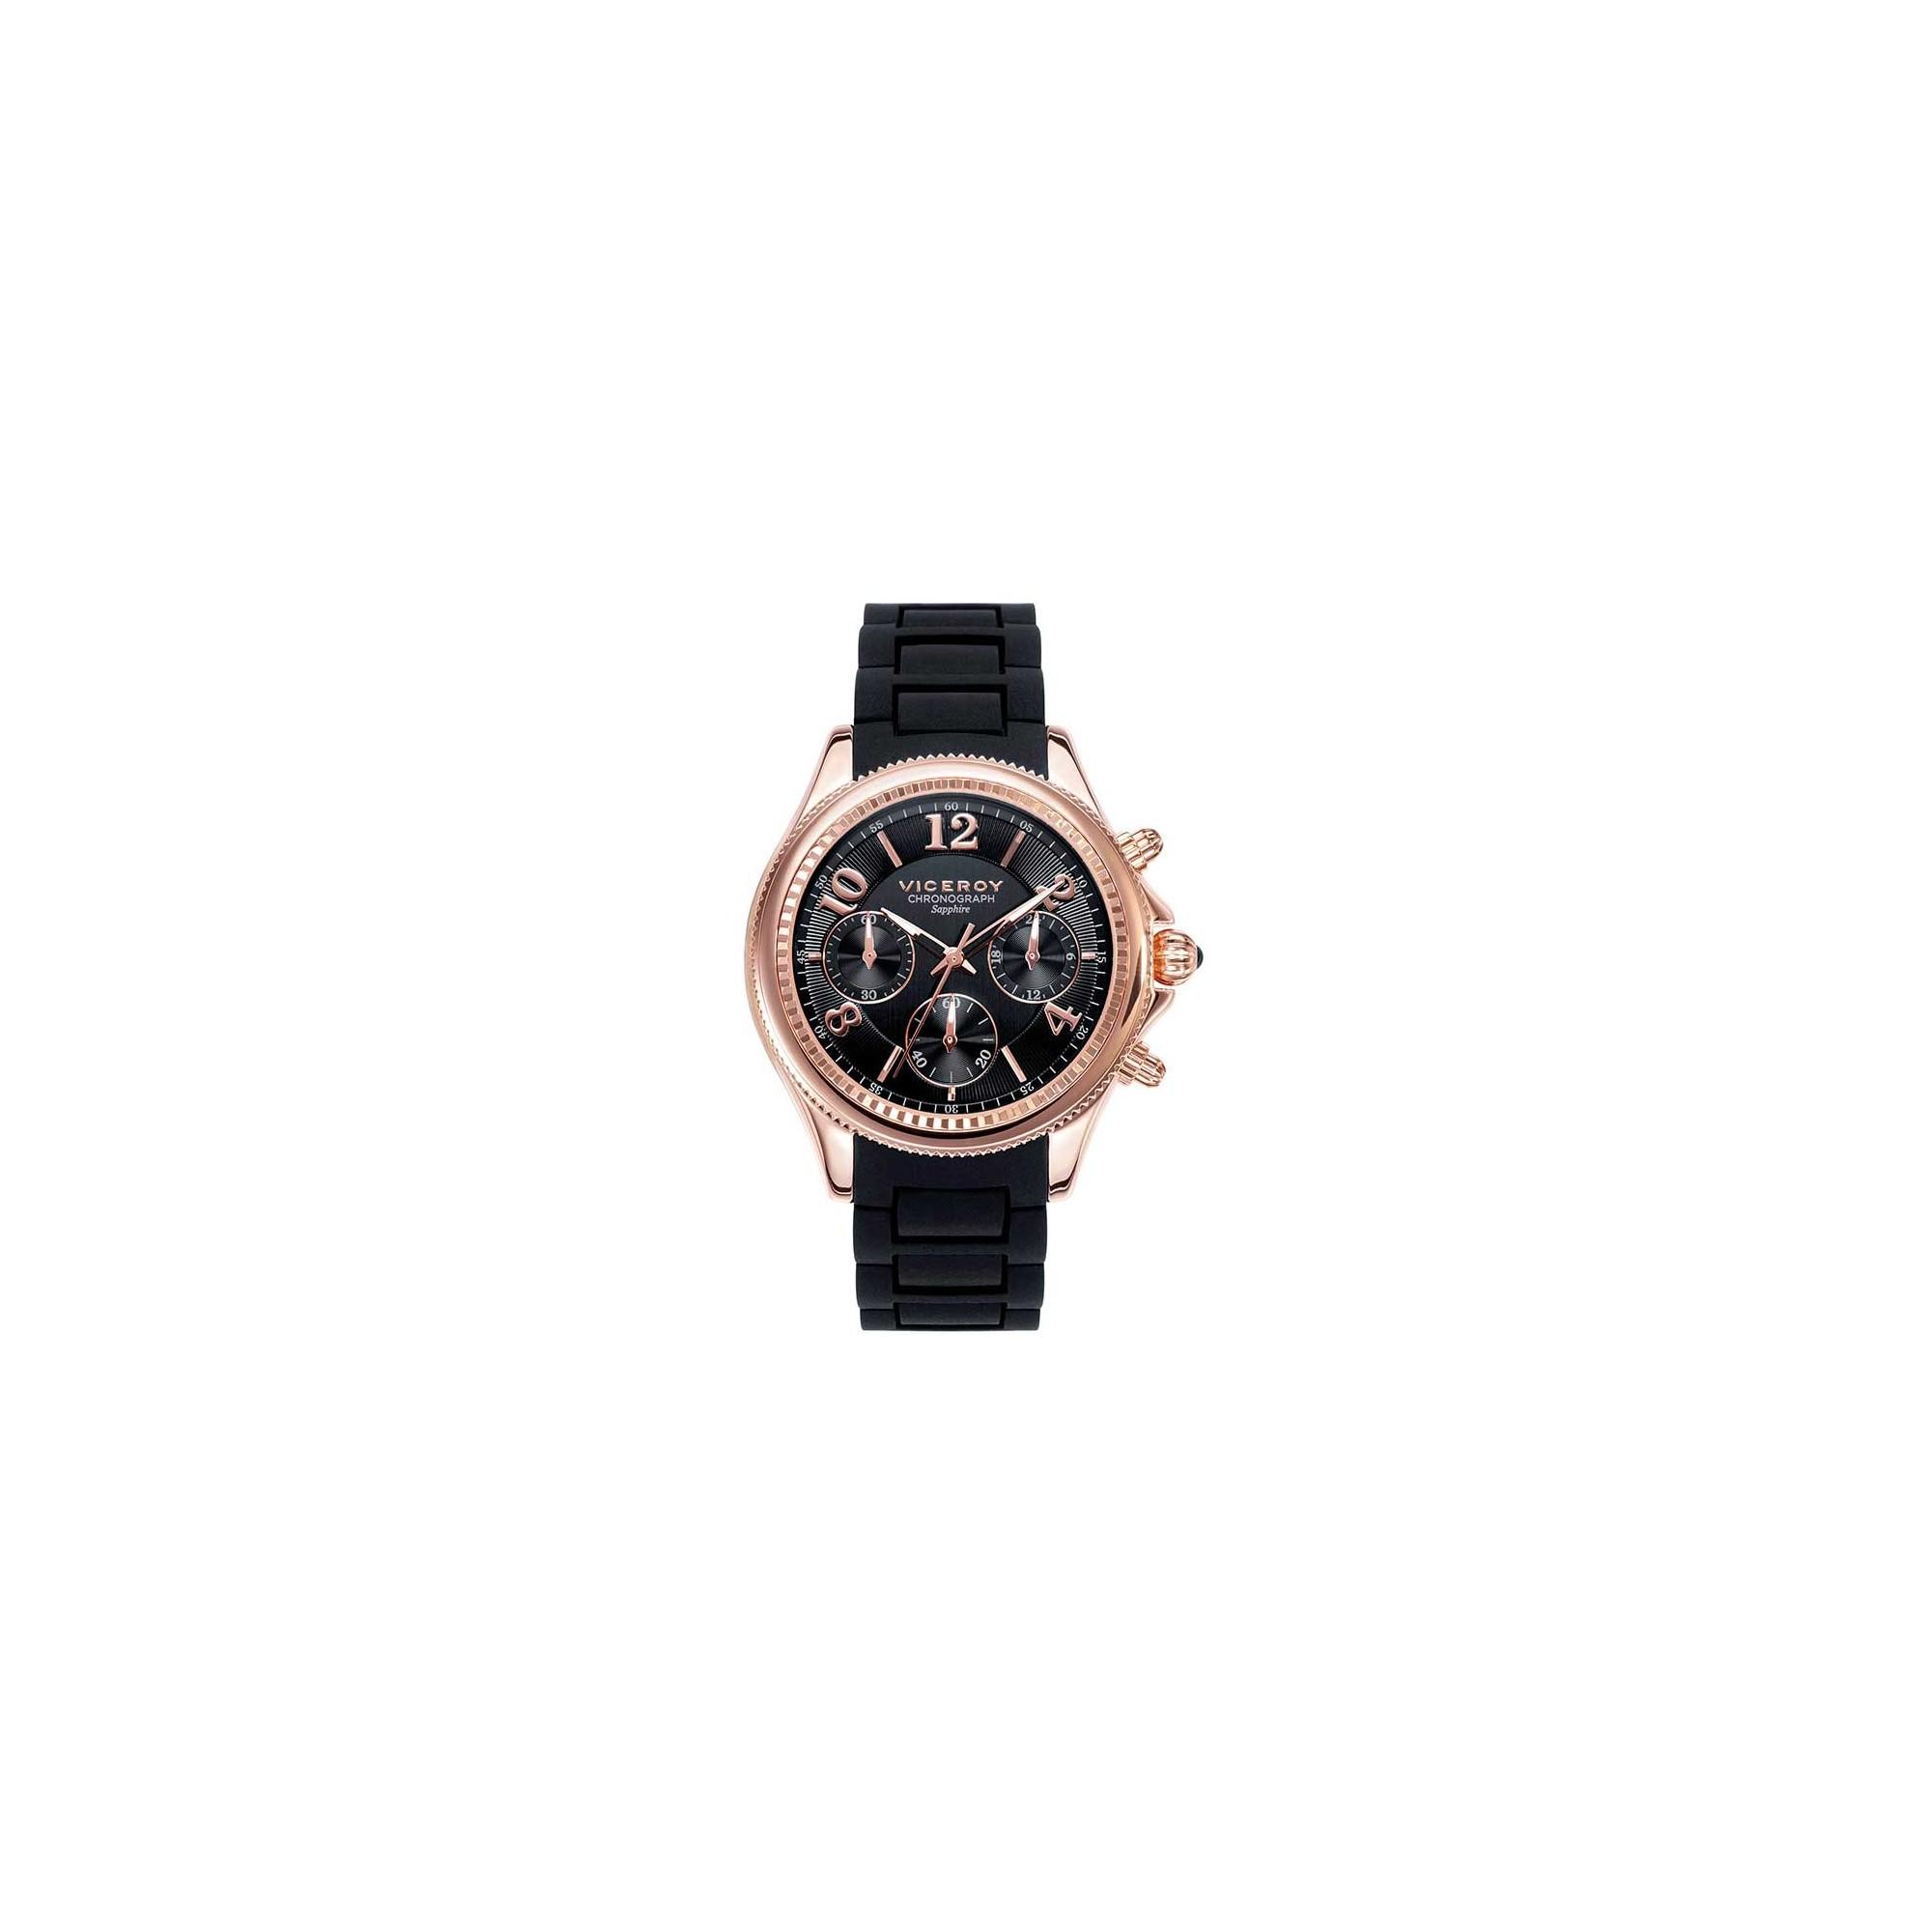 Reloj Chica Viceroy Deportivo Dorado Goma Negra Pen 233 Lope